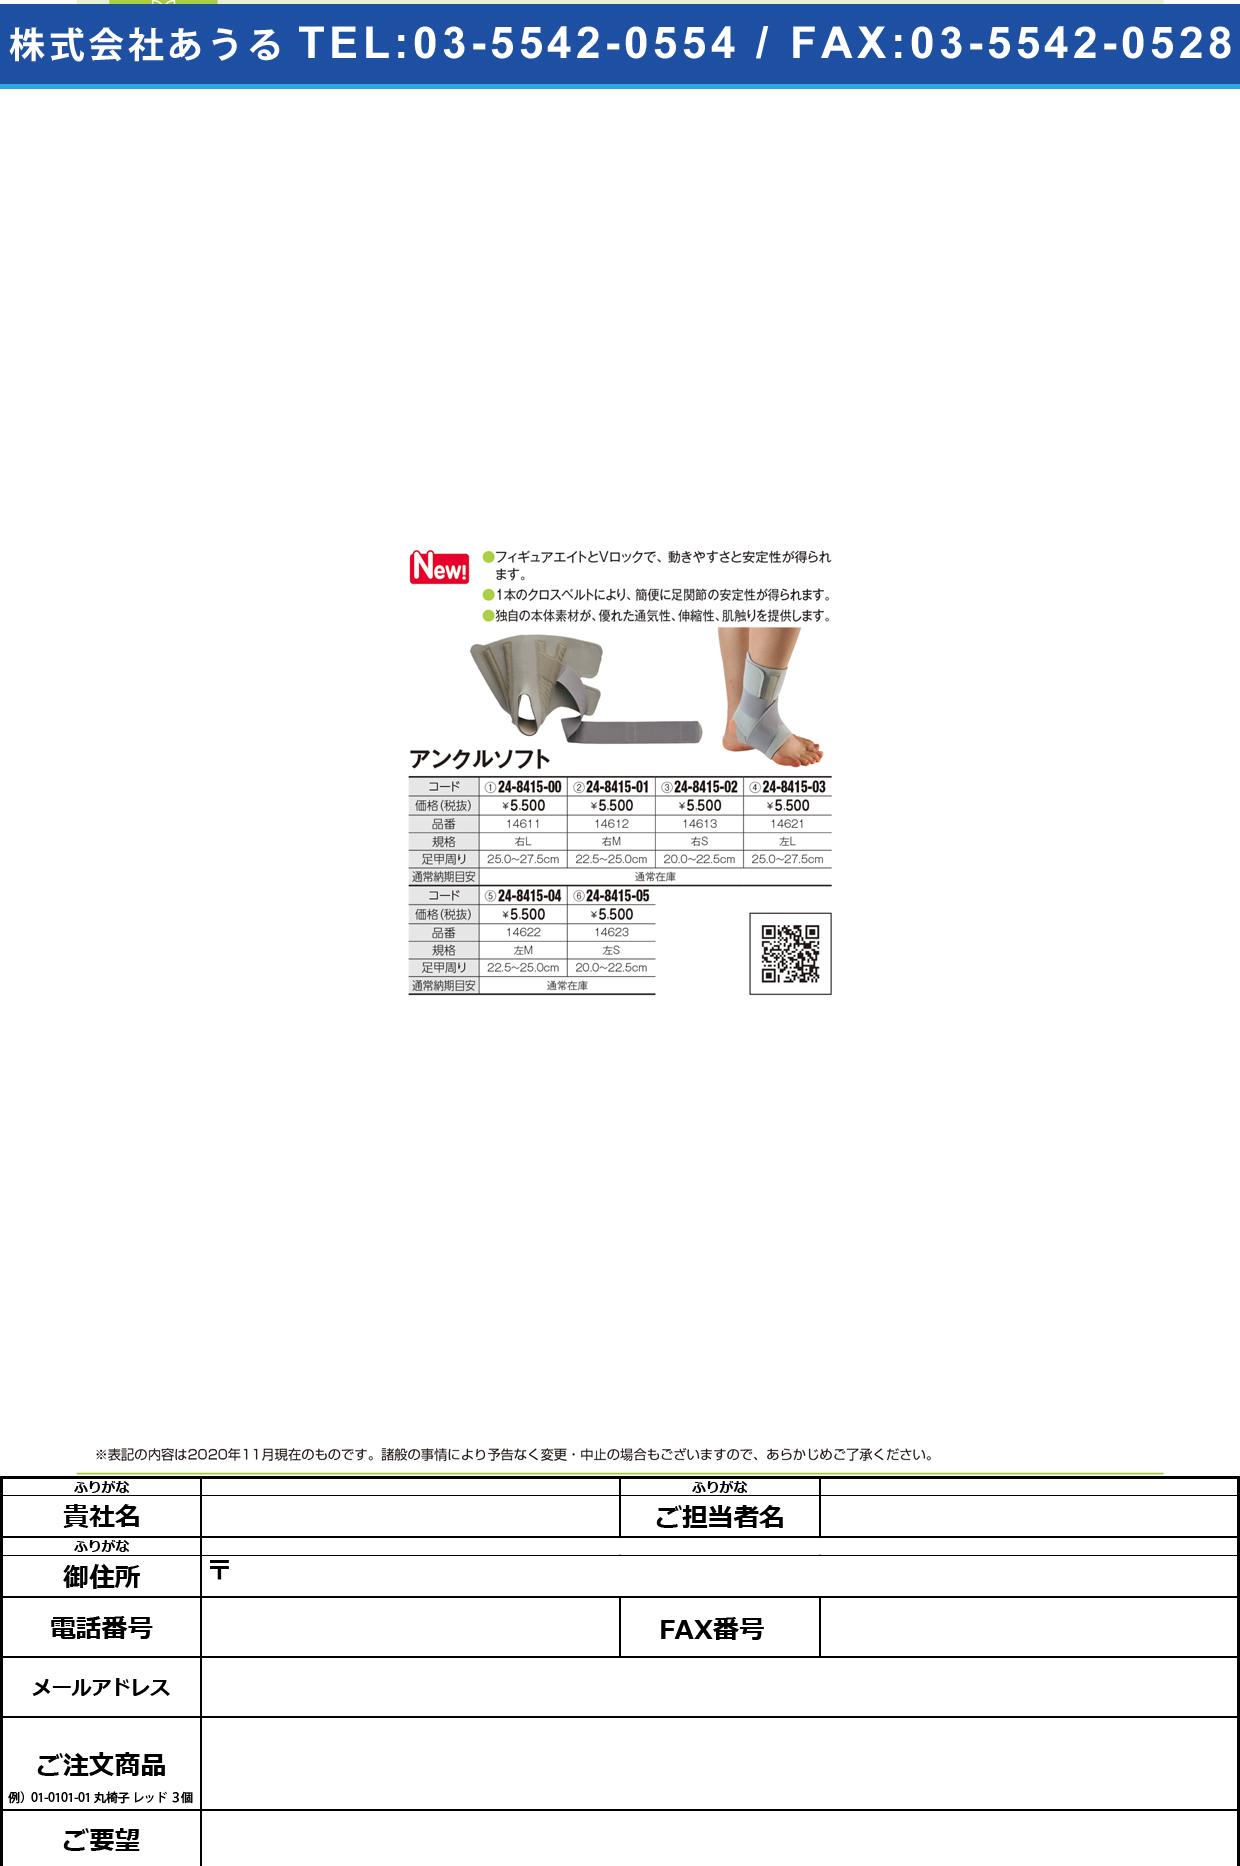 アンクルソフト(右)L 14611(1コイリ)14611(1コイリ)(24-8415-00)【アルケア】(販売単位:1)